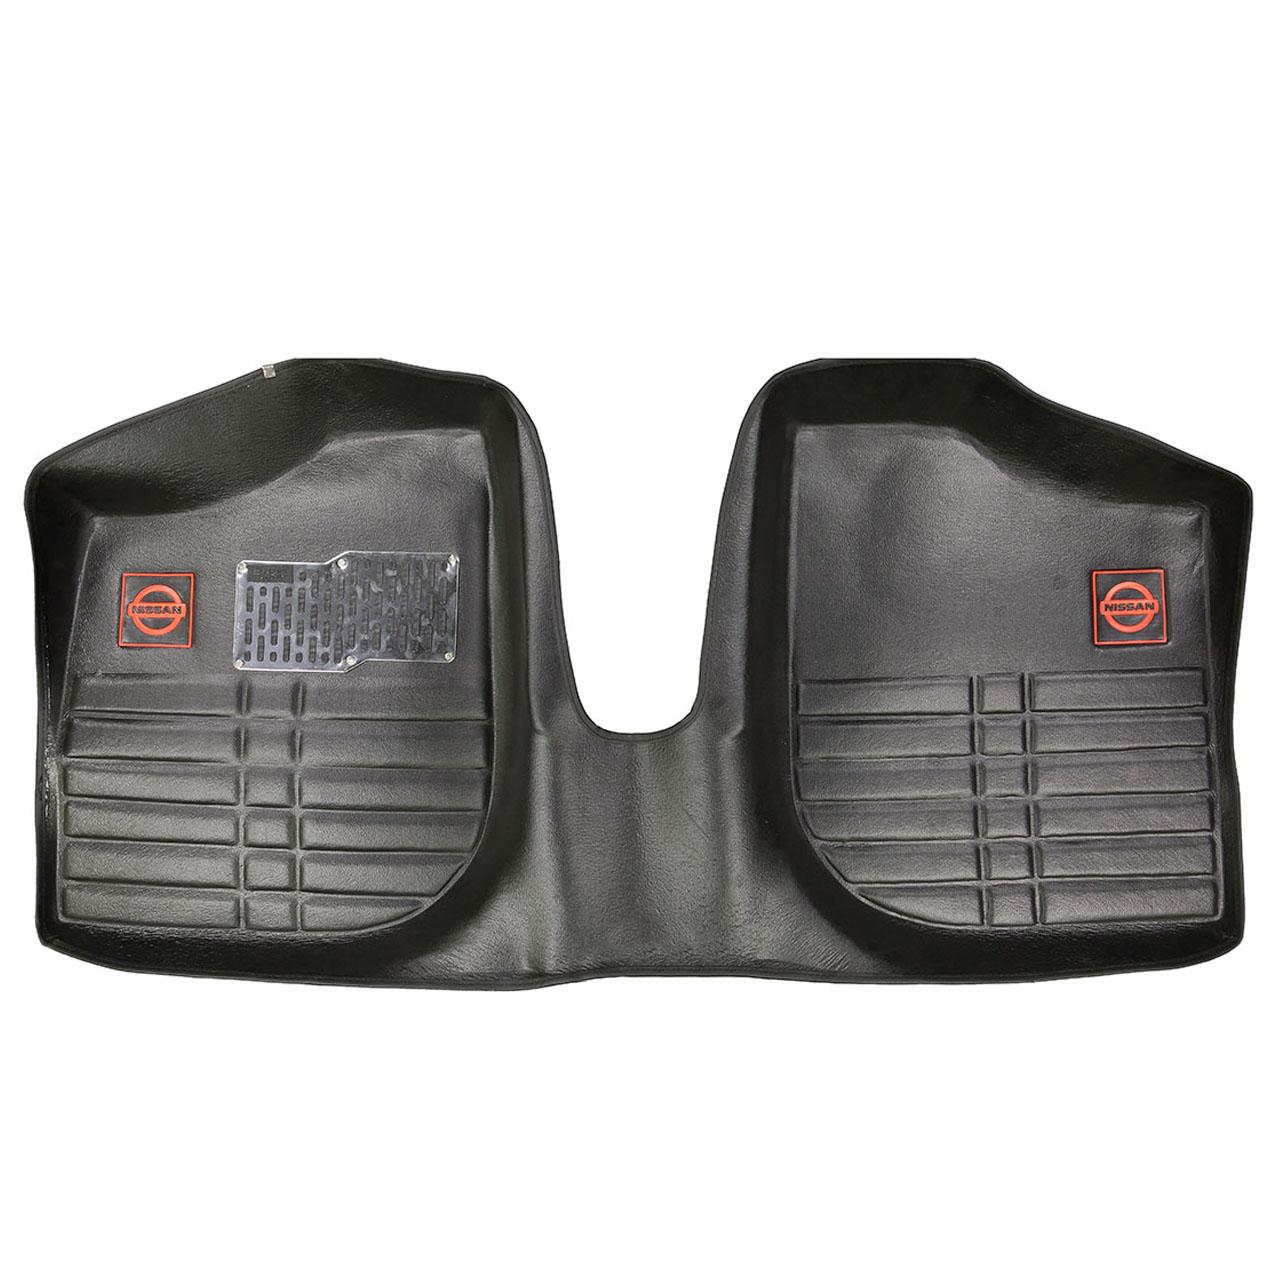 کفپوش سه بعدی خودرو اس اس ال مناسب برای نیسان